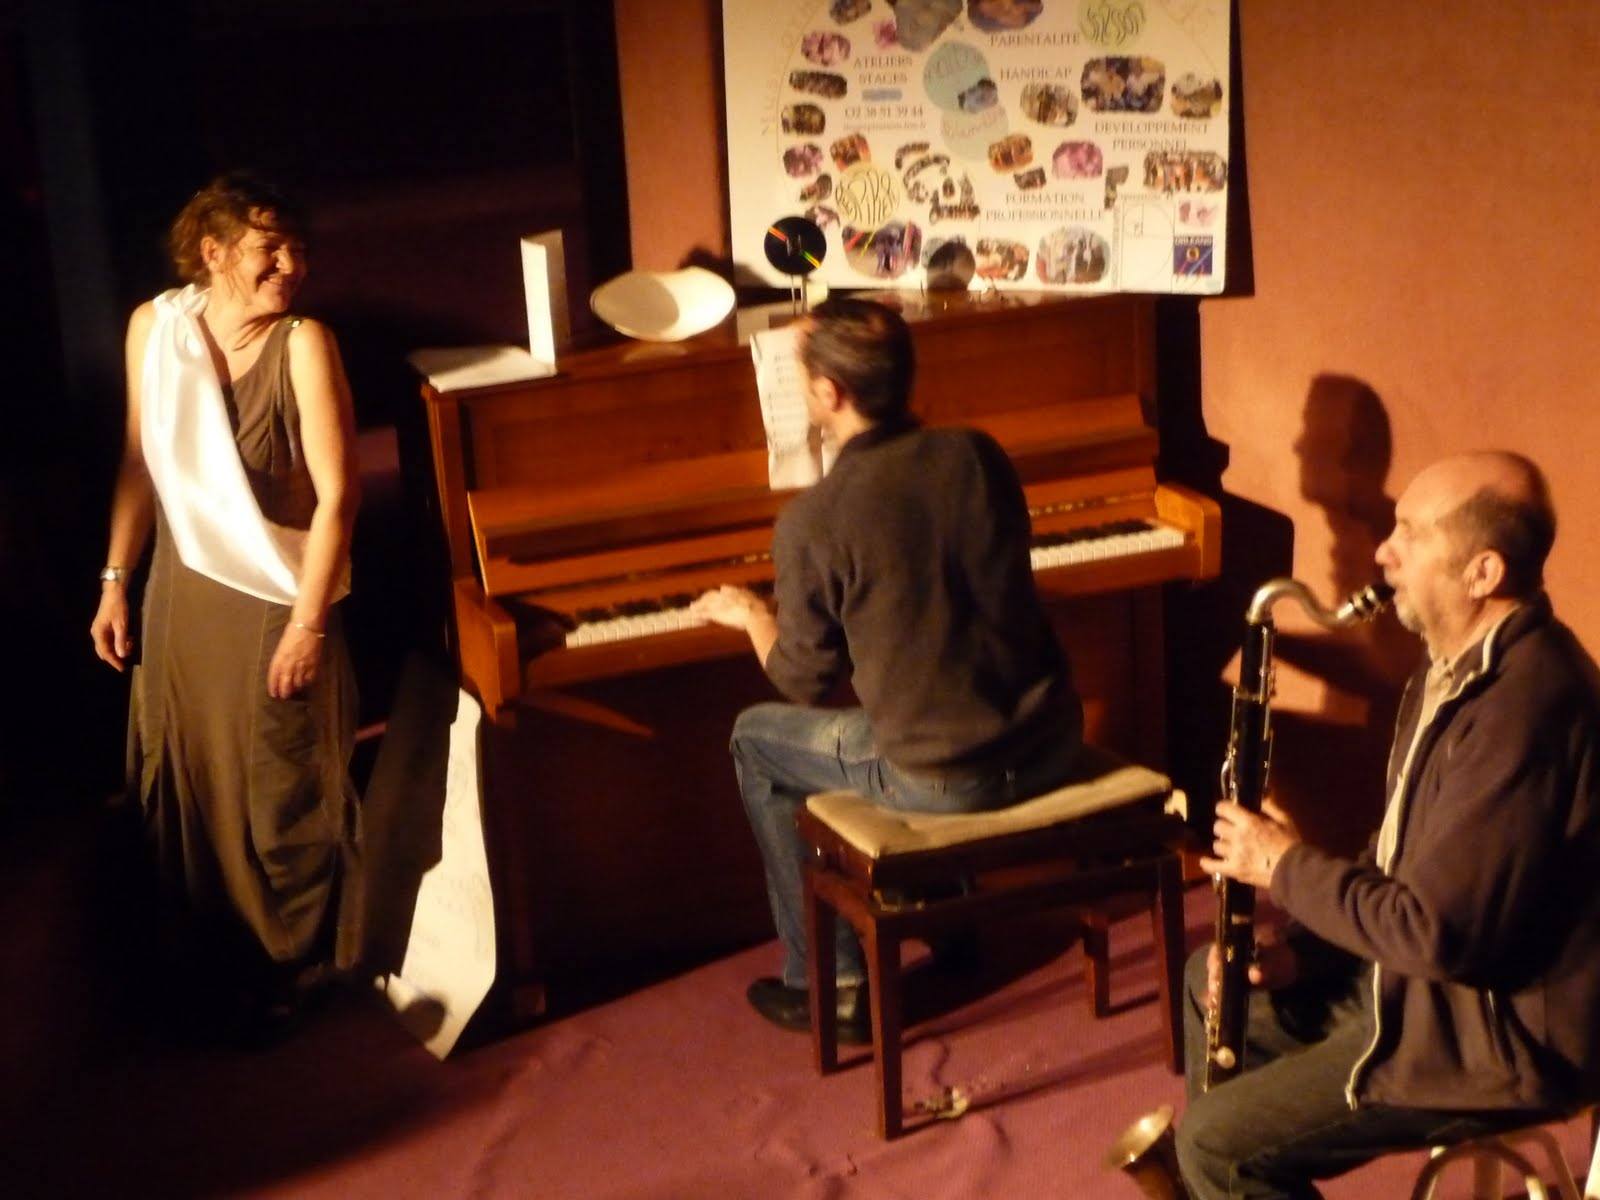 Mars 2011 -11èmes Journées Voix : VocoMotiv' - 20 ans de MUS'E ! boeuf improvisé avec Isabelle Marié-Bailly au chant, Emmanuel Dufay au piano et Daniel Amadou au saxo